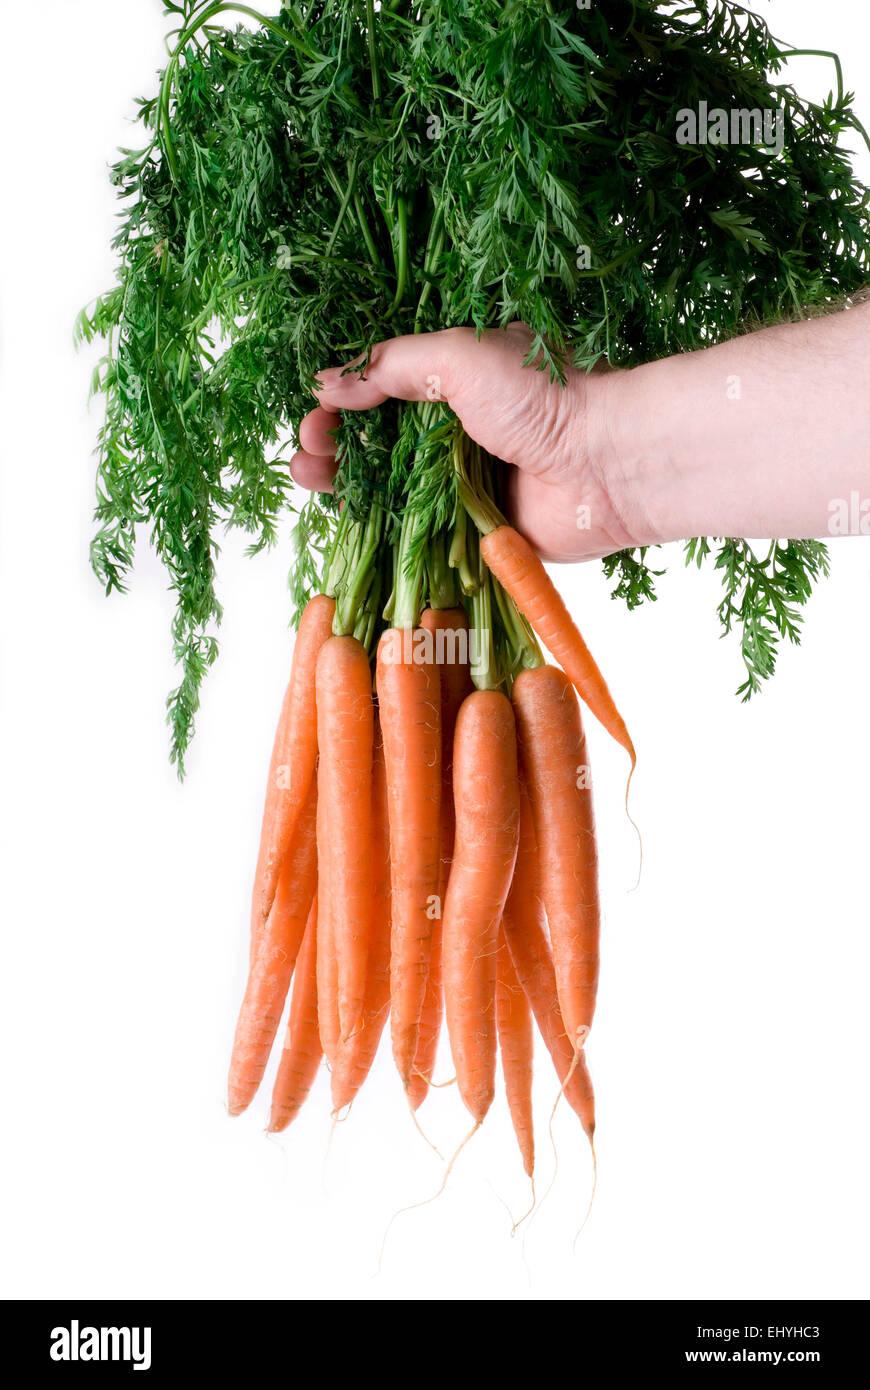 Los agricultores mano sujetando un montón de zanahorias lavadas fresco sobre fondo blanco. Imagen De Stock